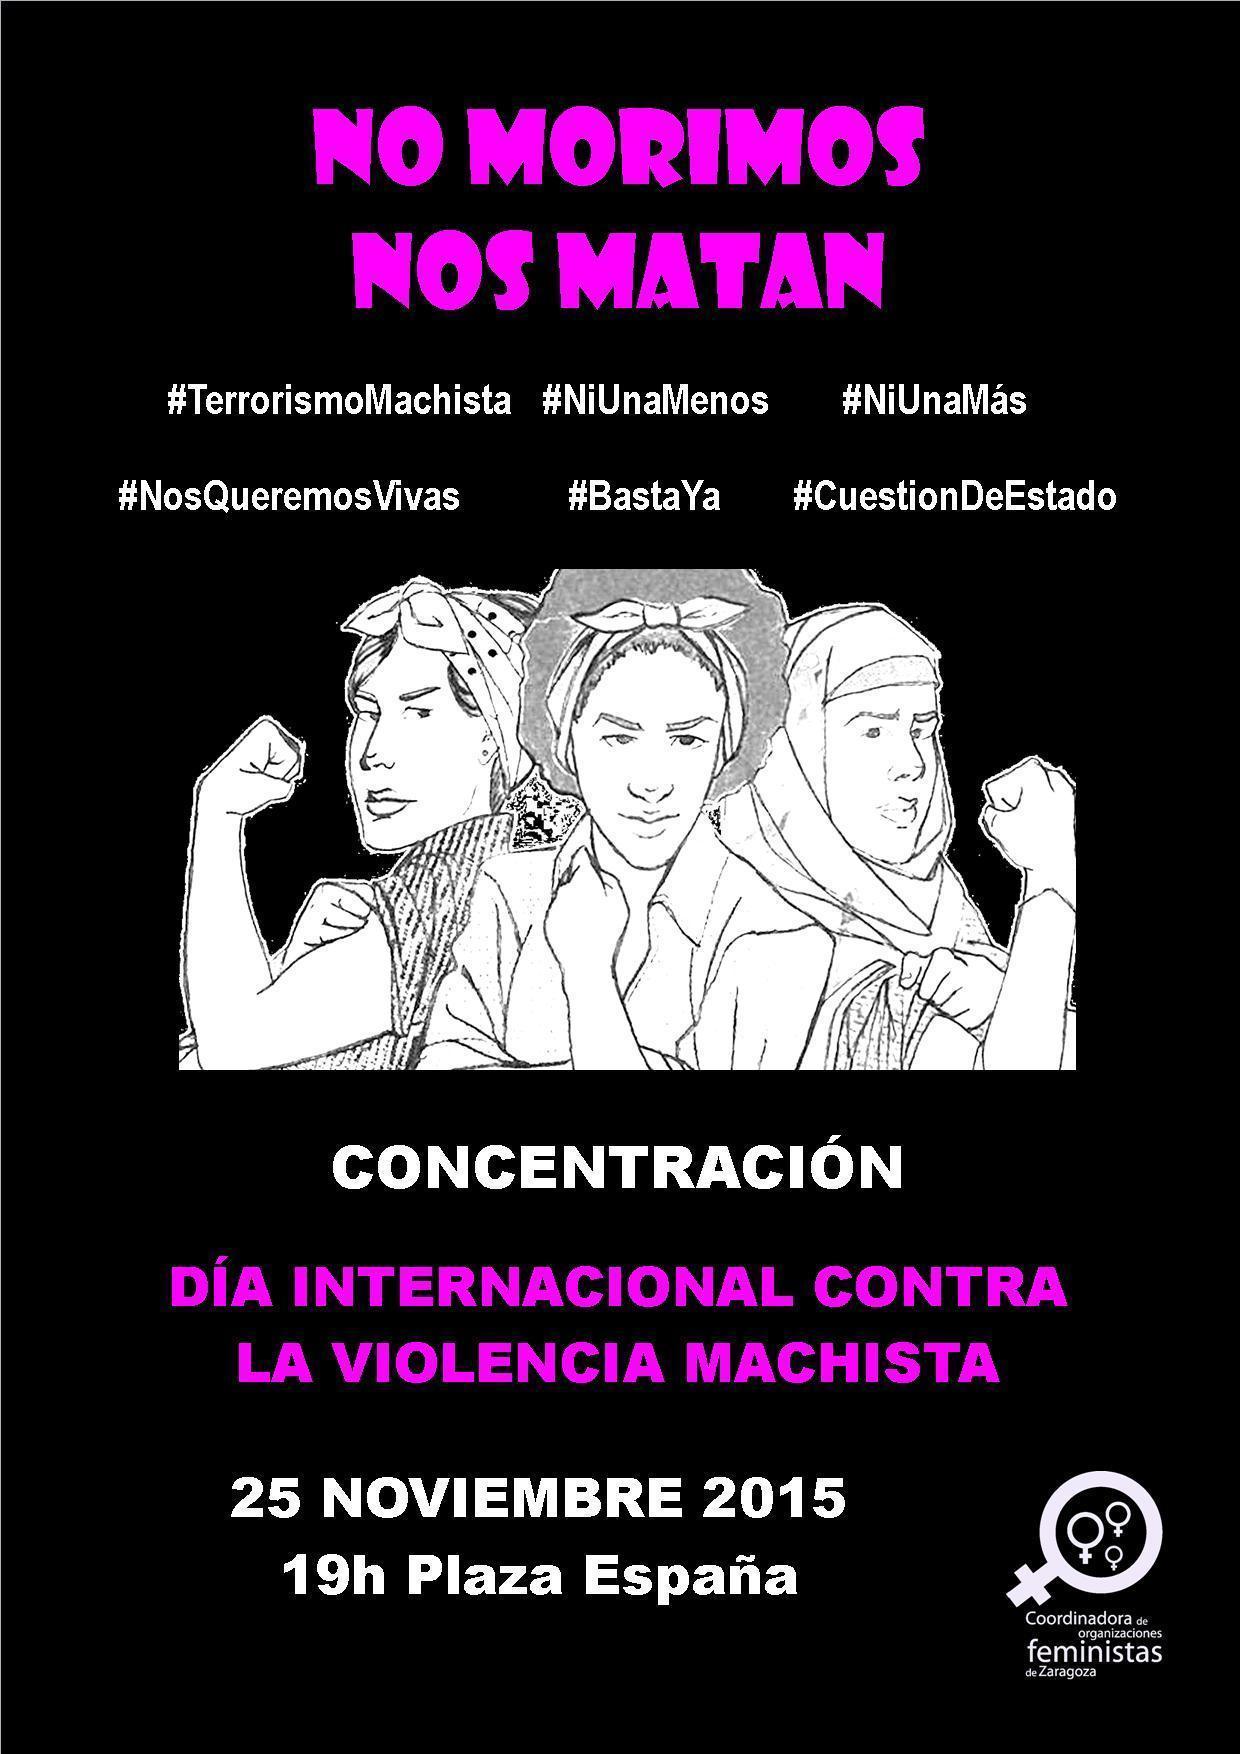 Nos sumamos a las movilizaciones convocadas el 25 N, Día Internacional contra la Violencia Machista